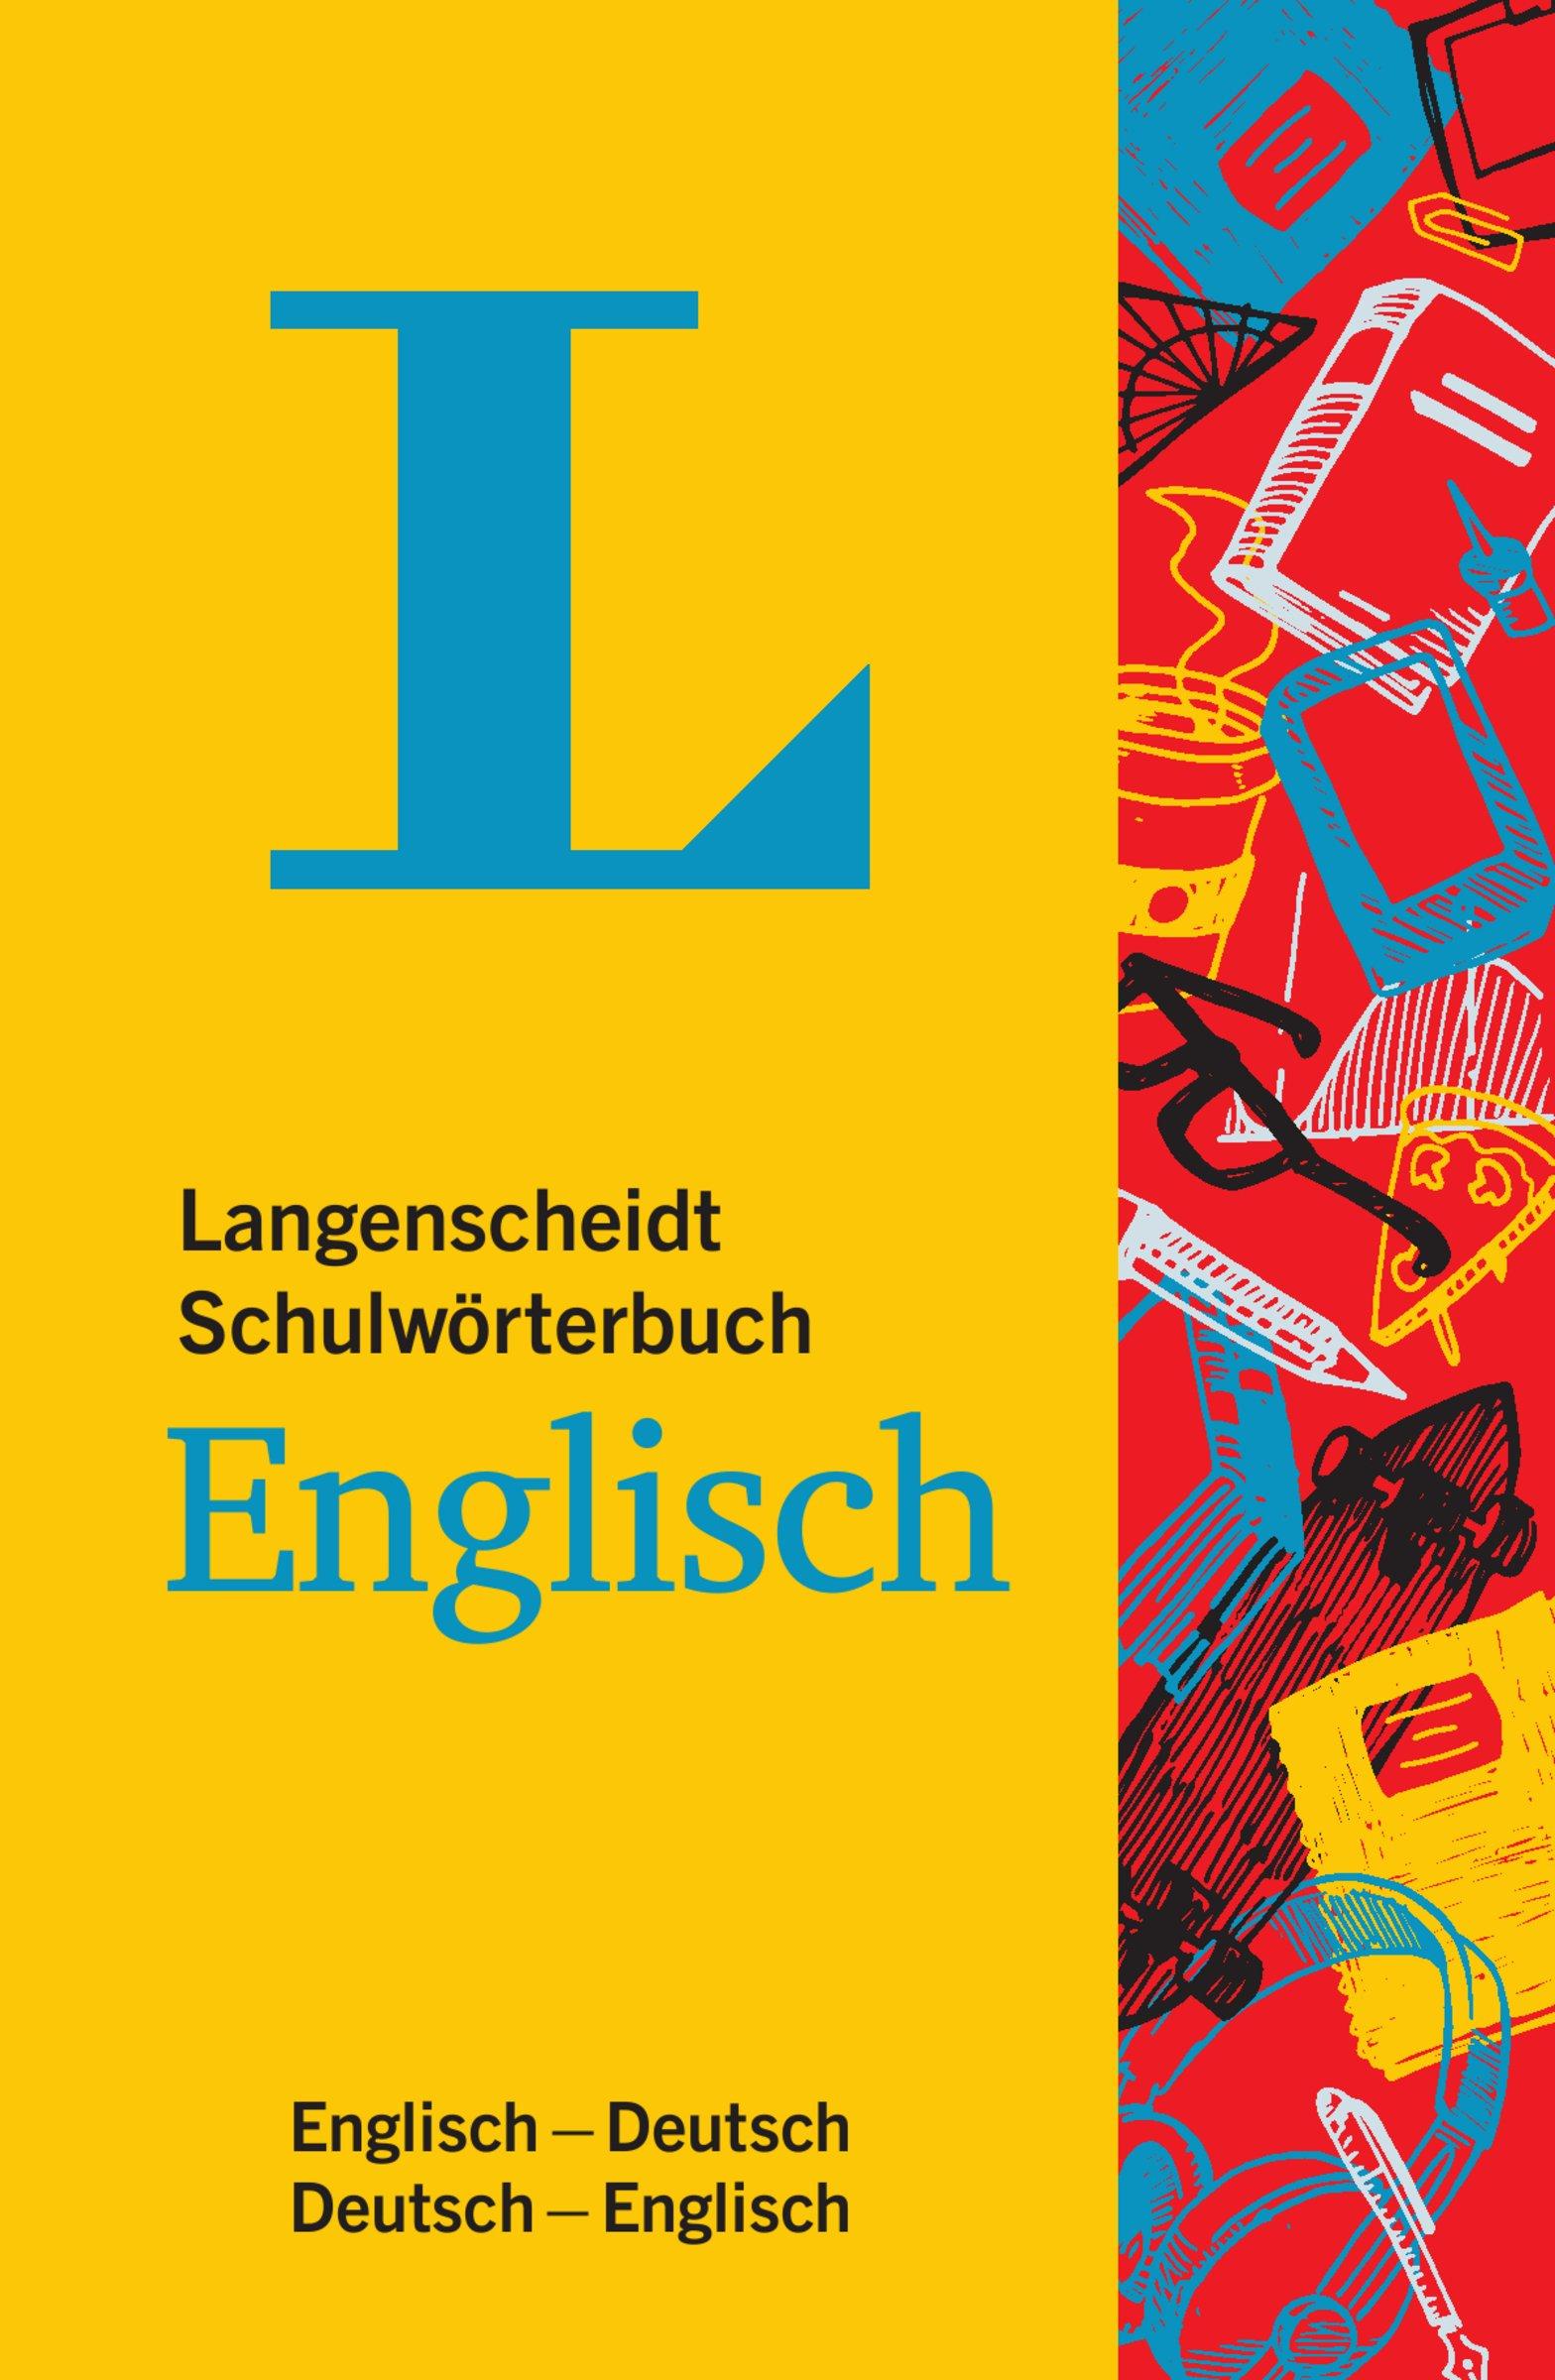 Langenscheidt Schulwörterbuch Englisch   Mit Info Fenstern Zu Wortschatz And Landeskunde  Englisch Deutsch Deutsch Englisch  Langenscheidt Schulwörterbücher